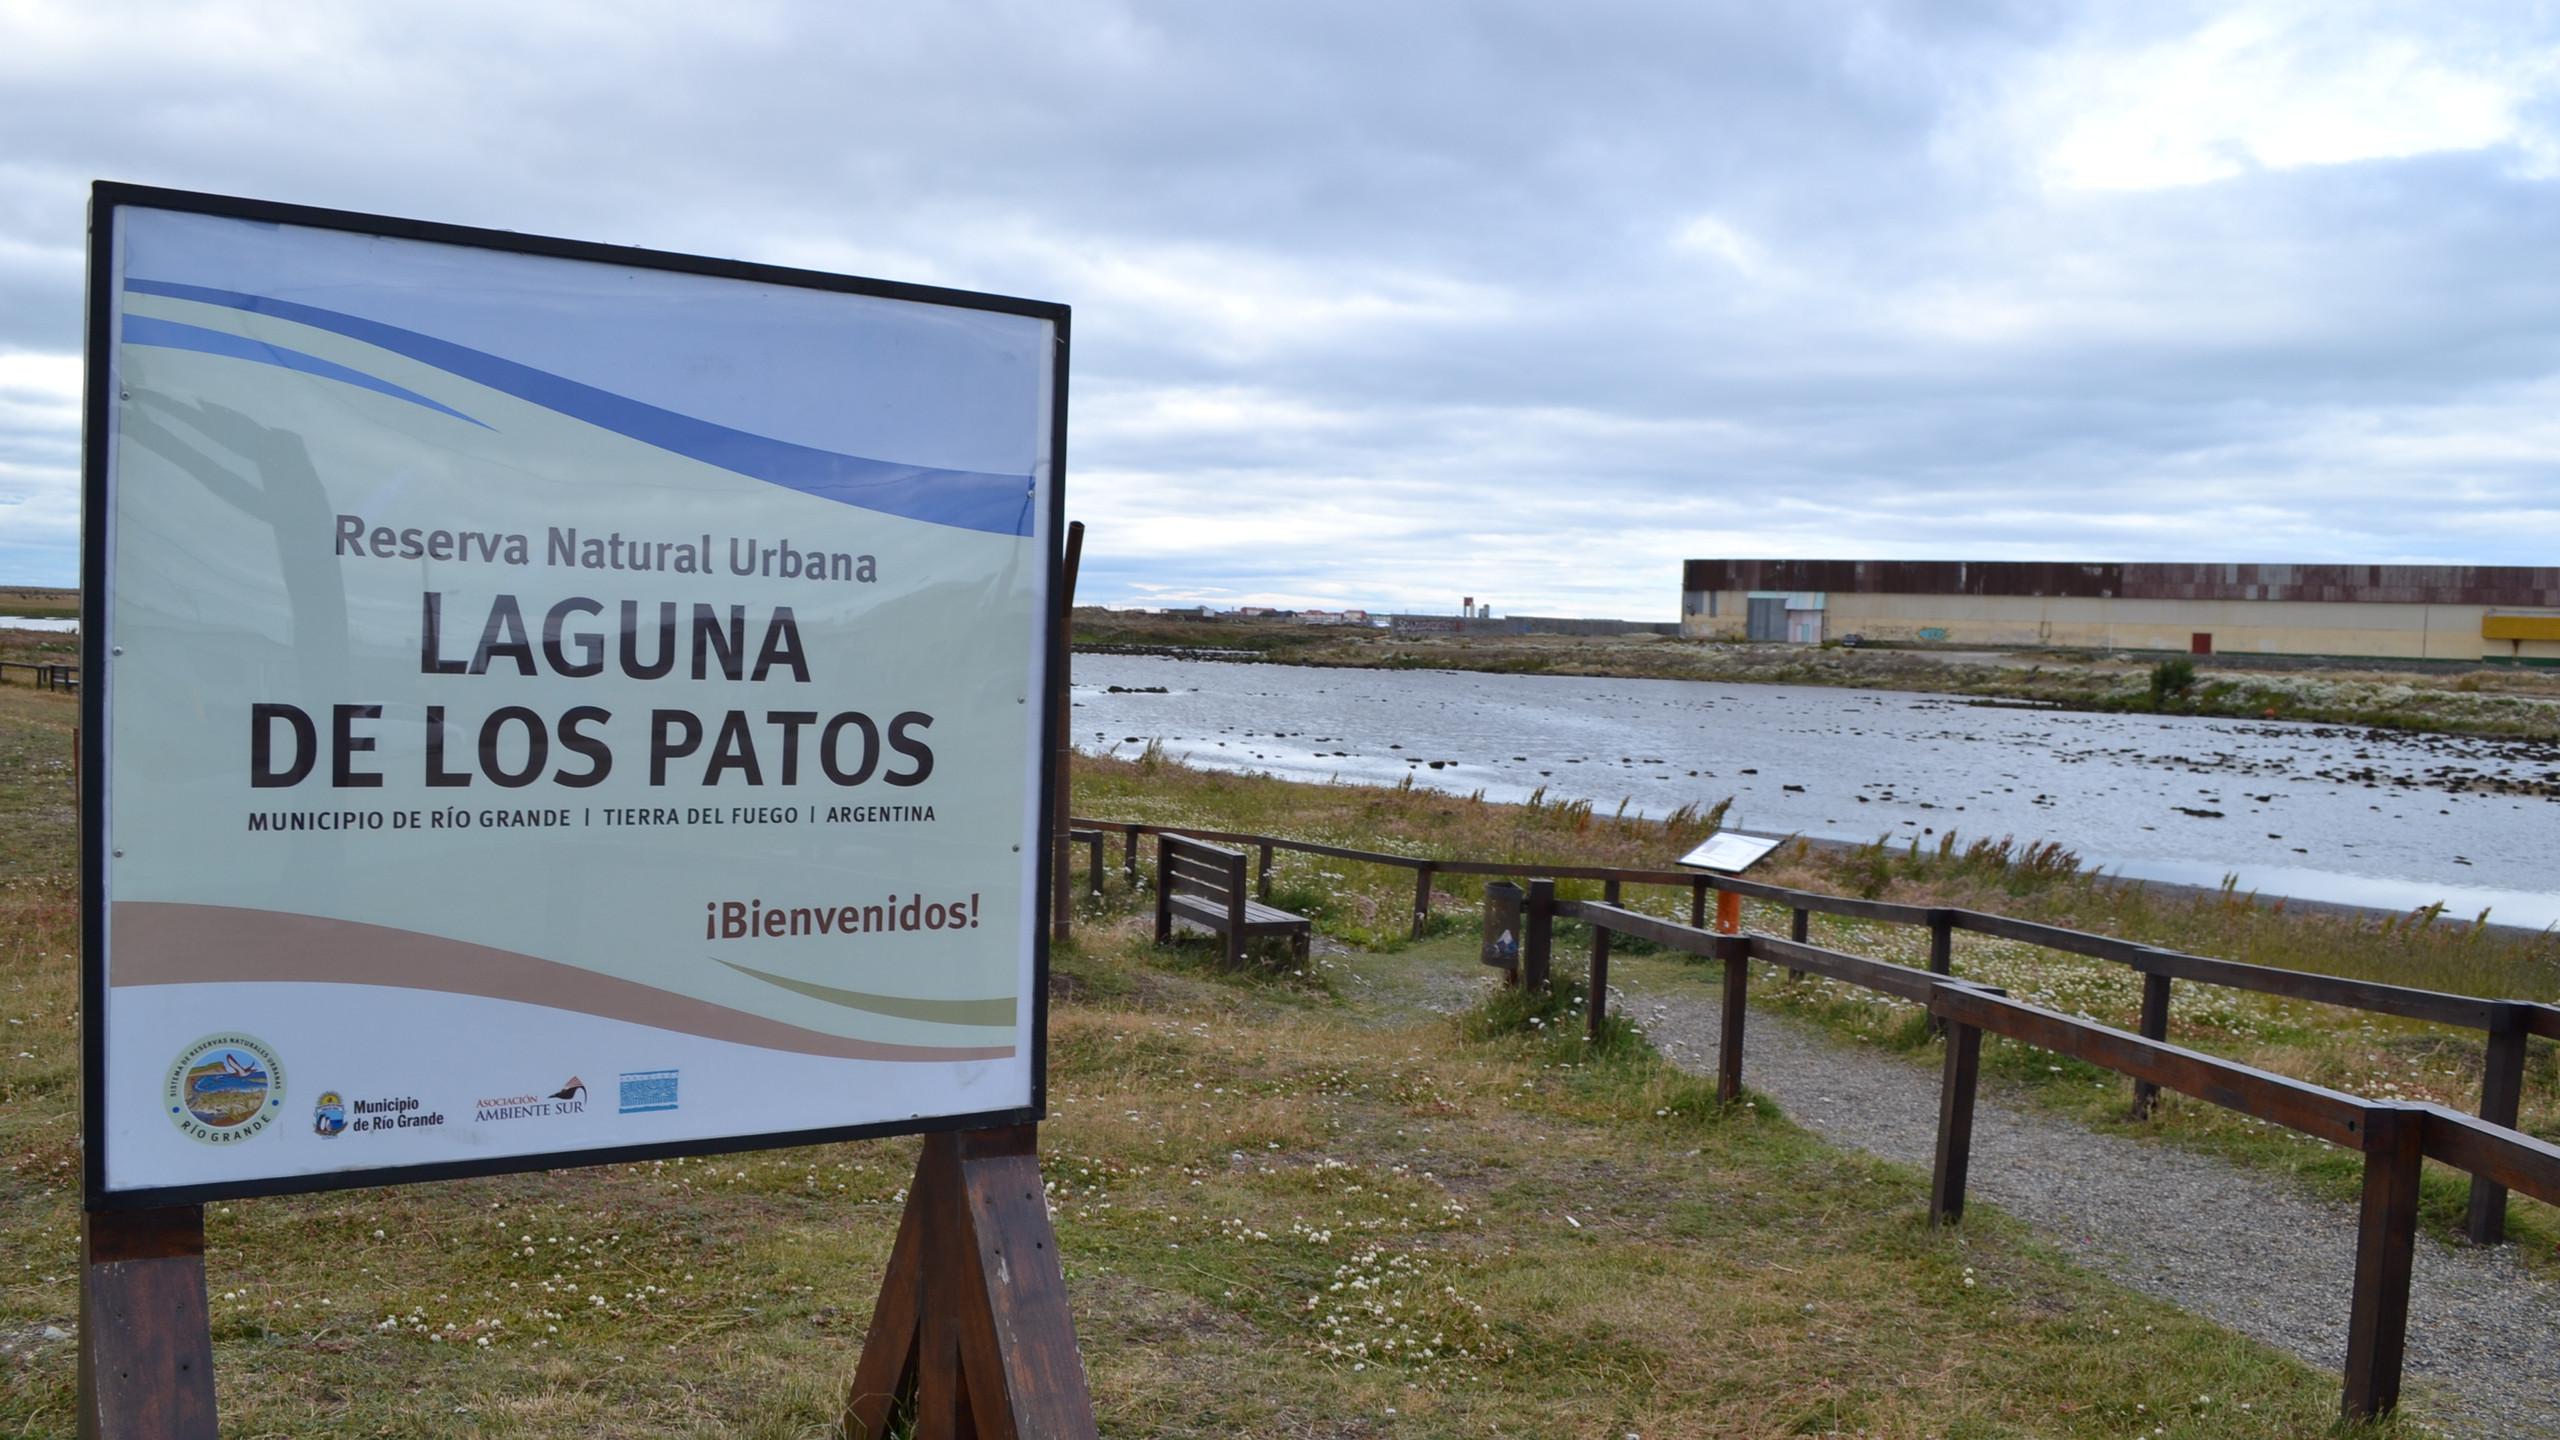 Laguna  de Los Patos RGA